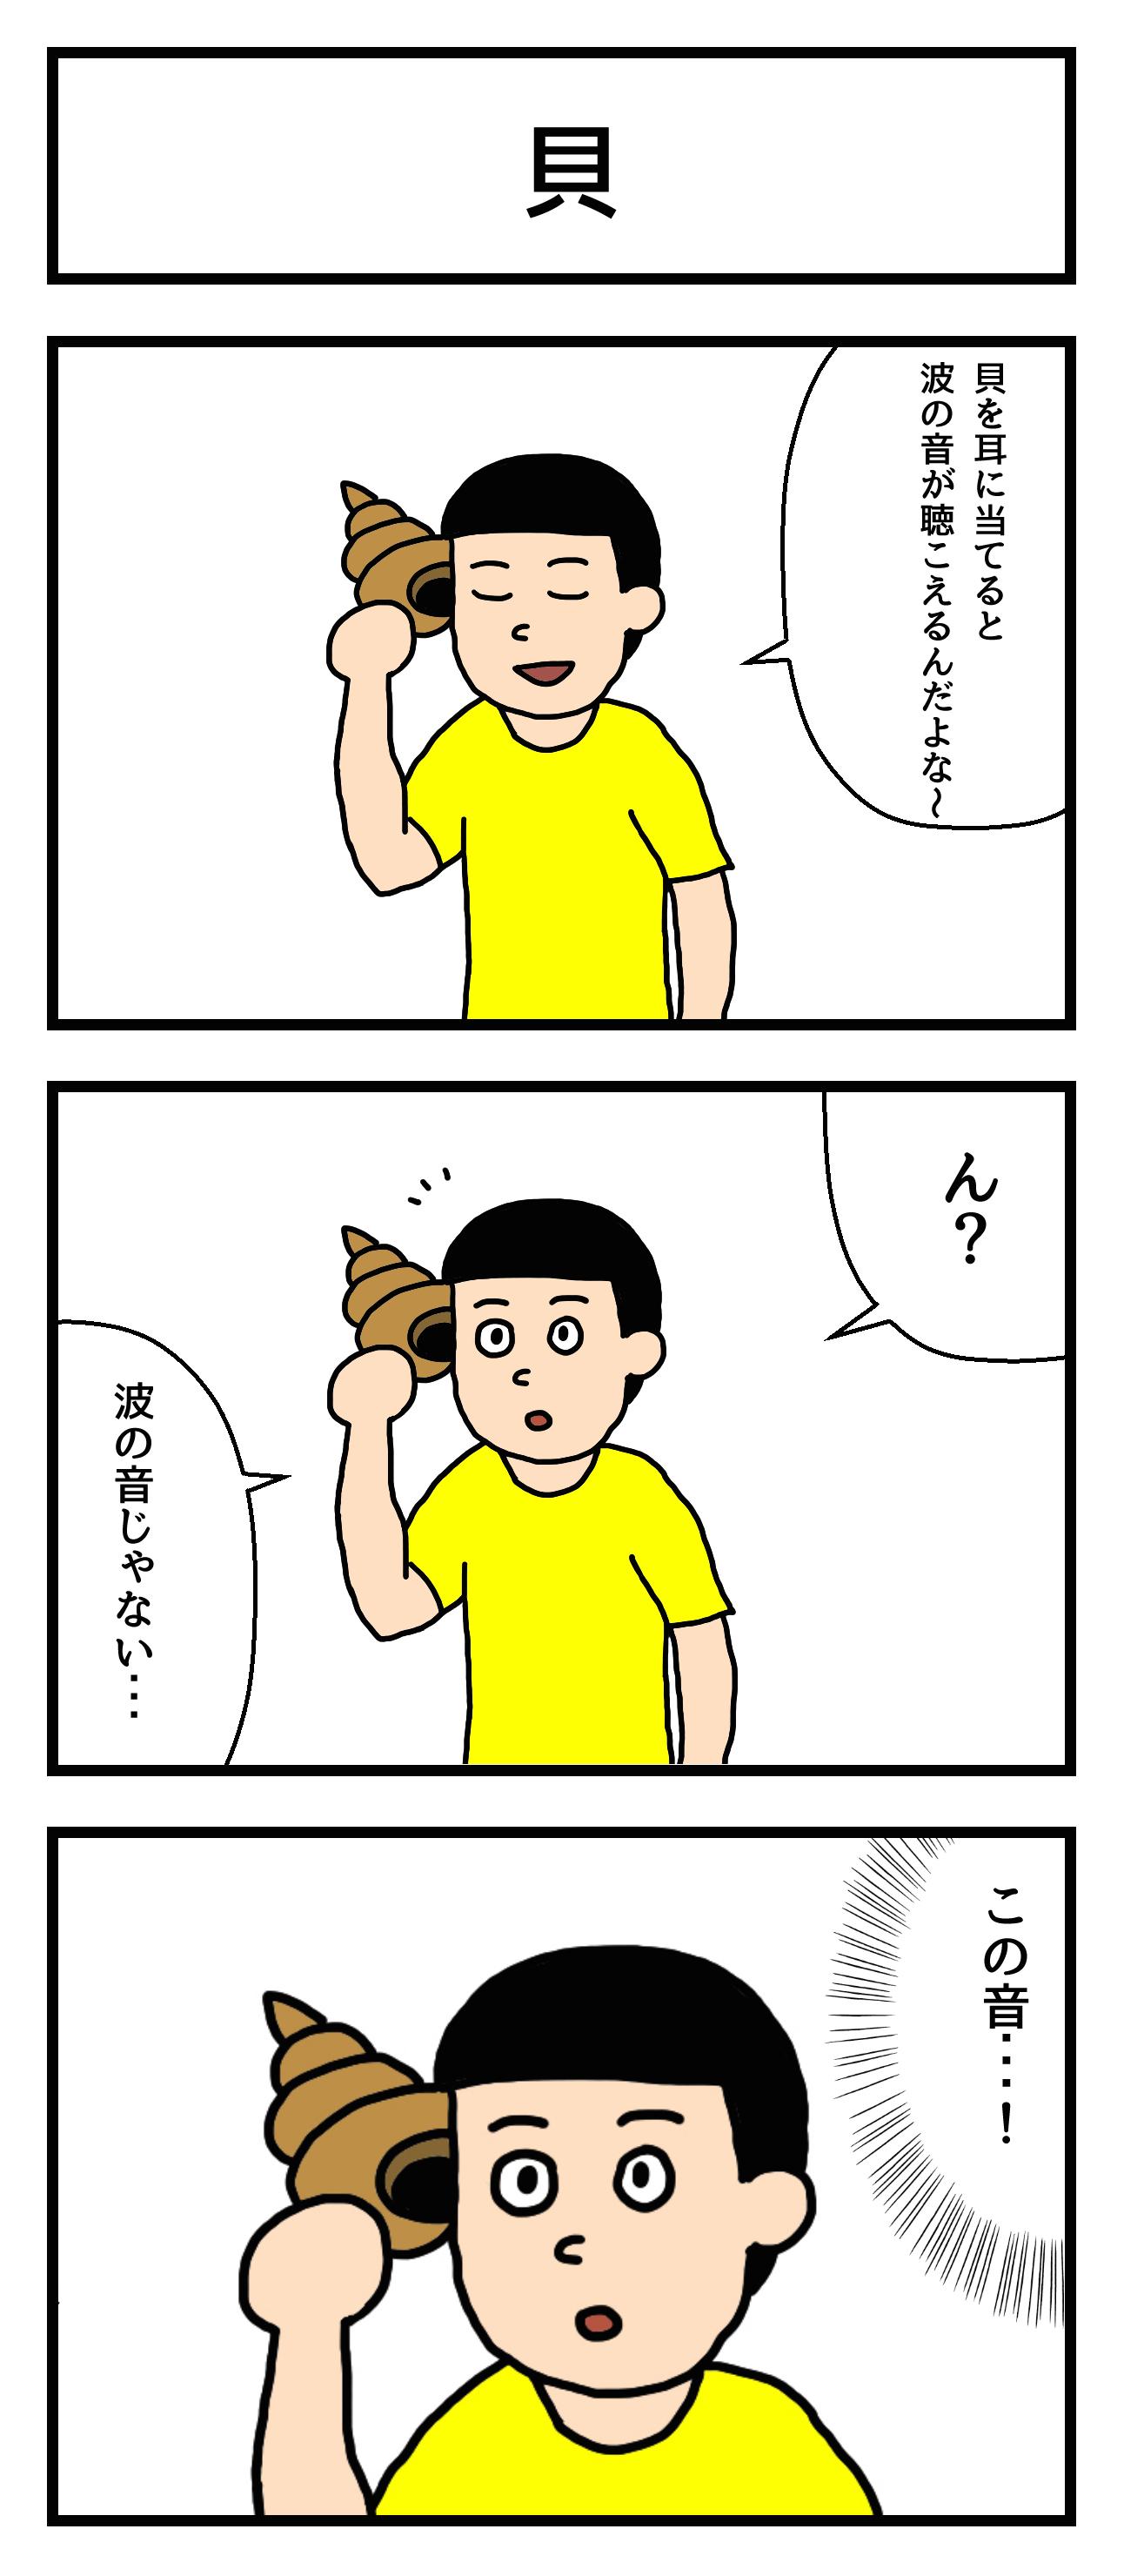 VシネマSEXシーンデイリーモーション動画 www.welcon.top VシネマSEXシーンデ